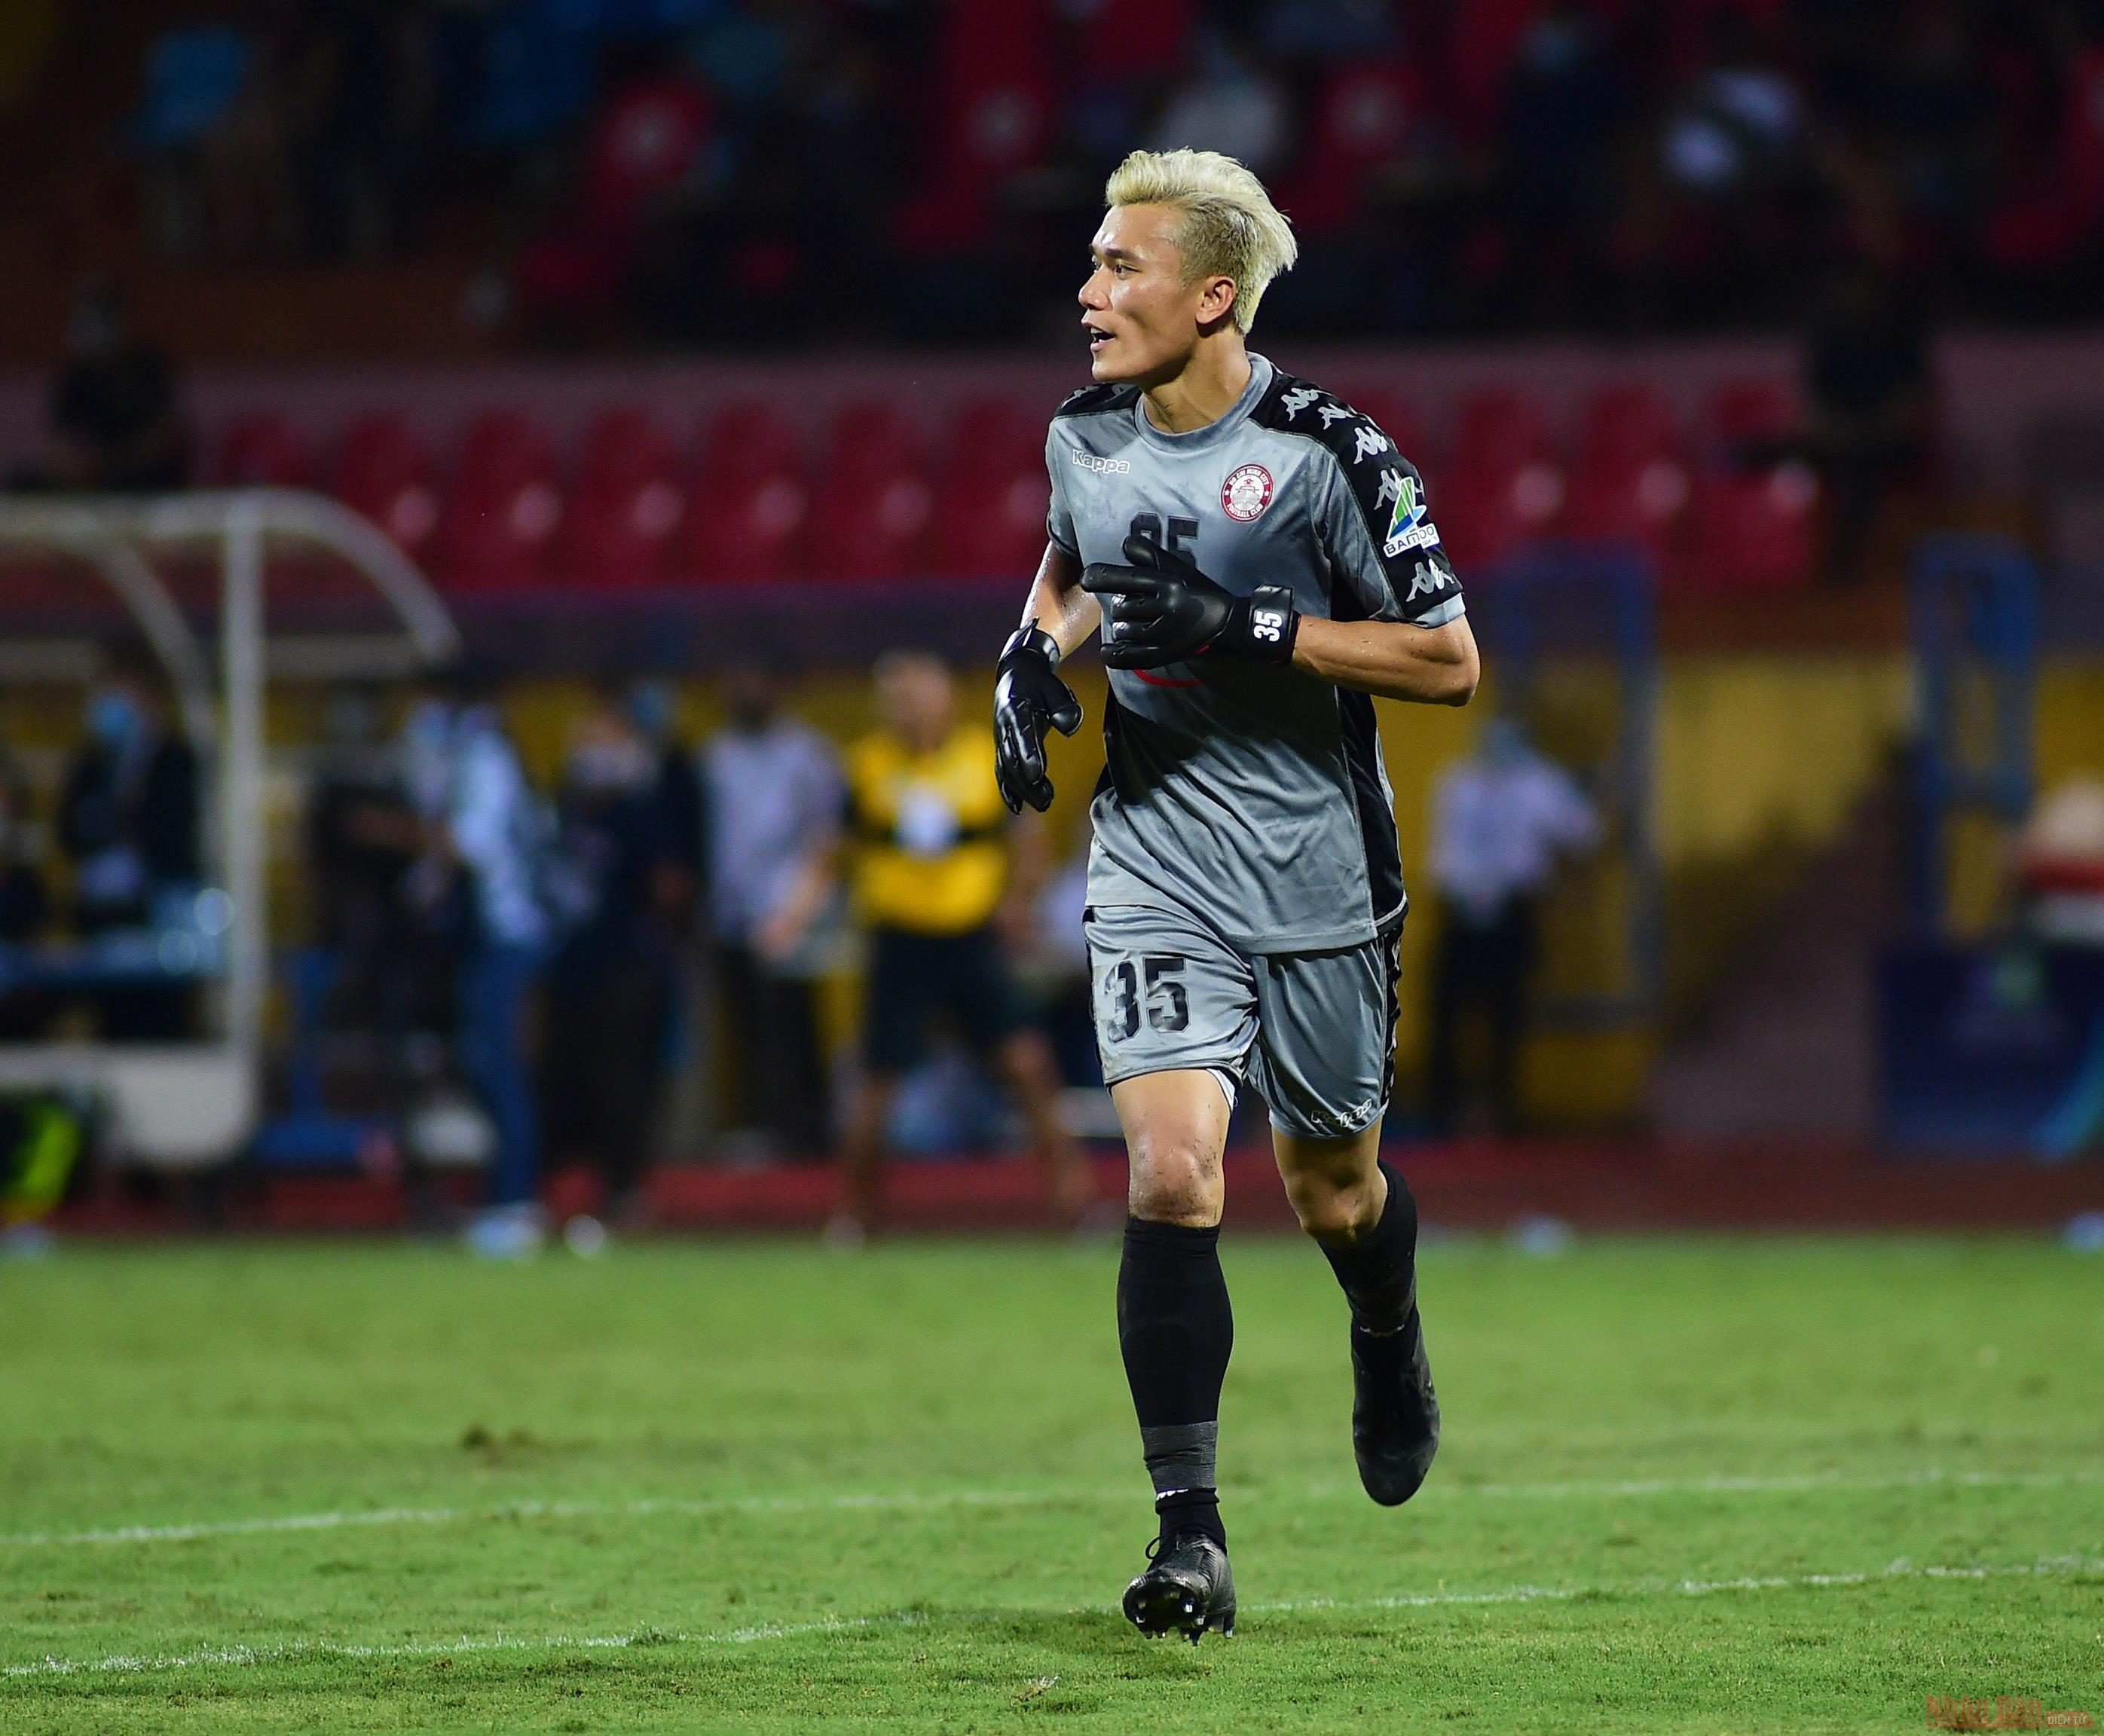 Dàn cầu thủ tuổi Sửu tràn đầy nội lực của bóng đá Việt Nam  -0